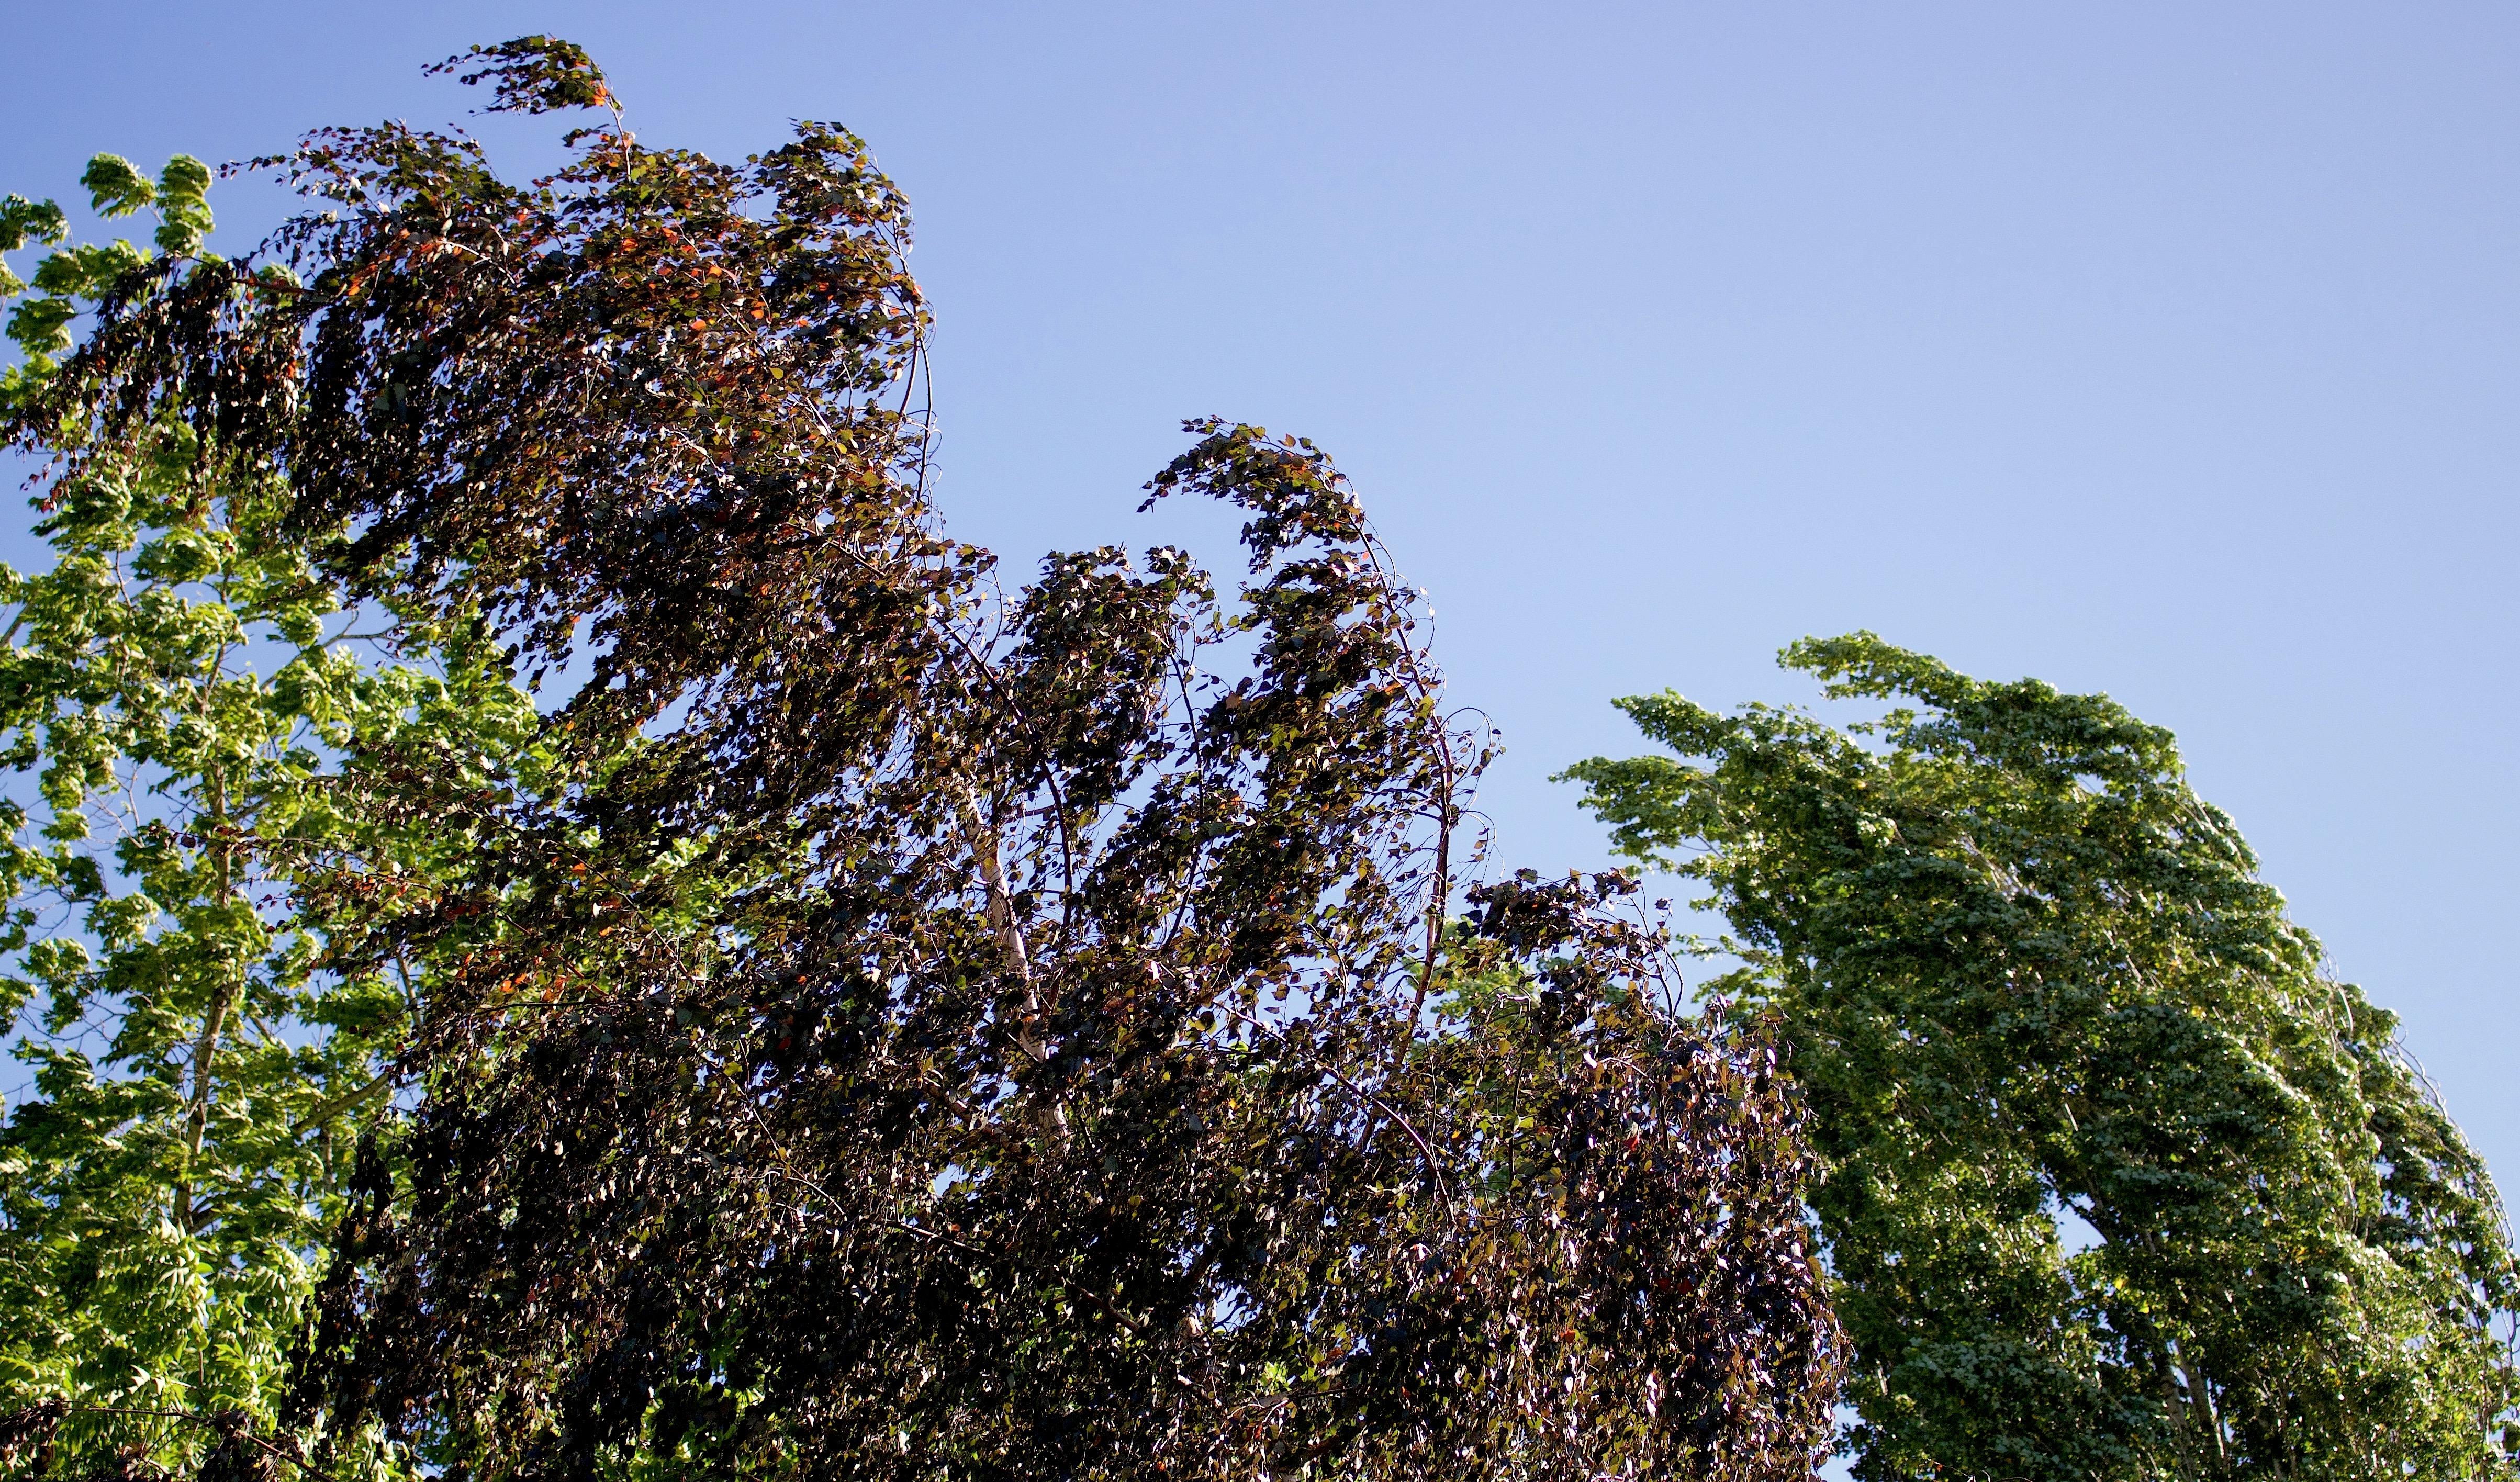 breezetrees